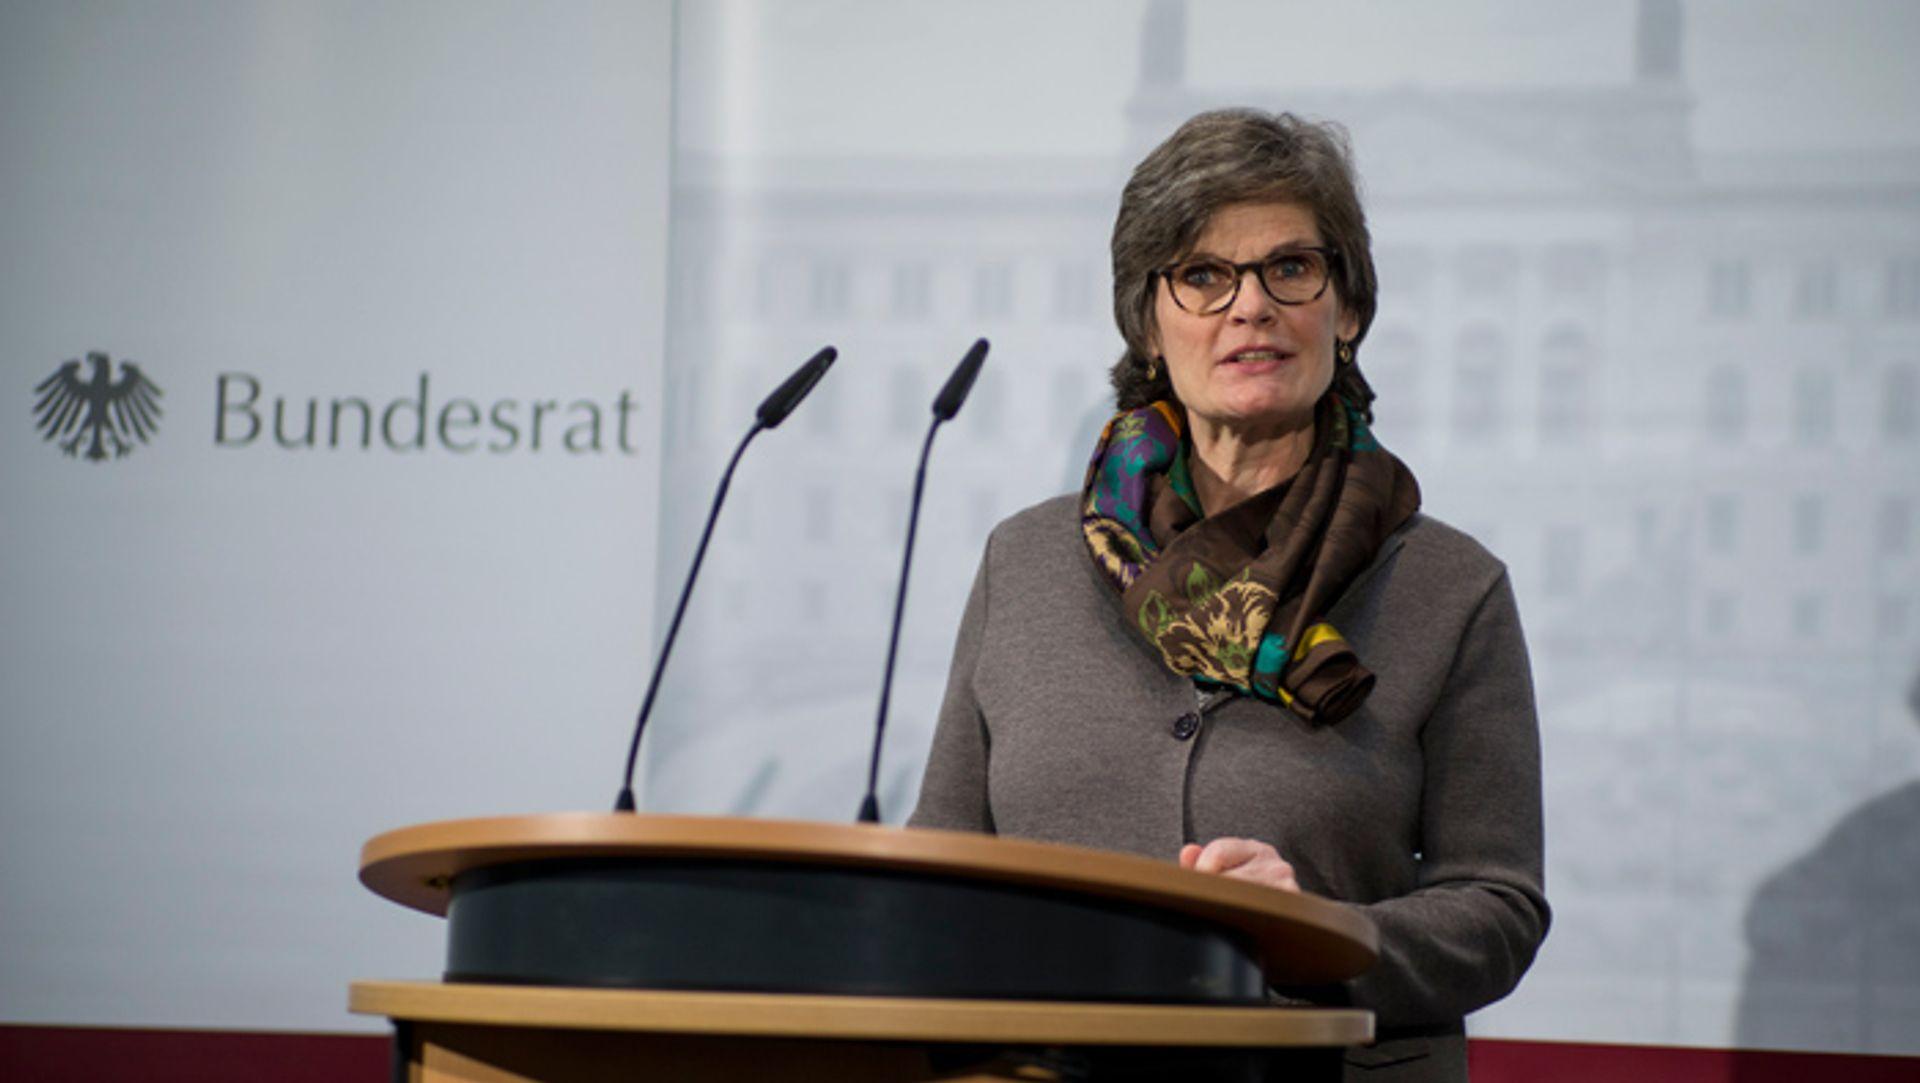 Annette Kulenkampff Bundesrat